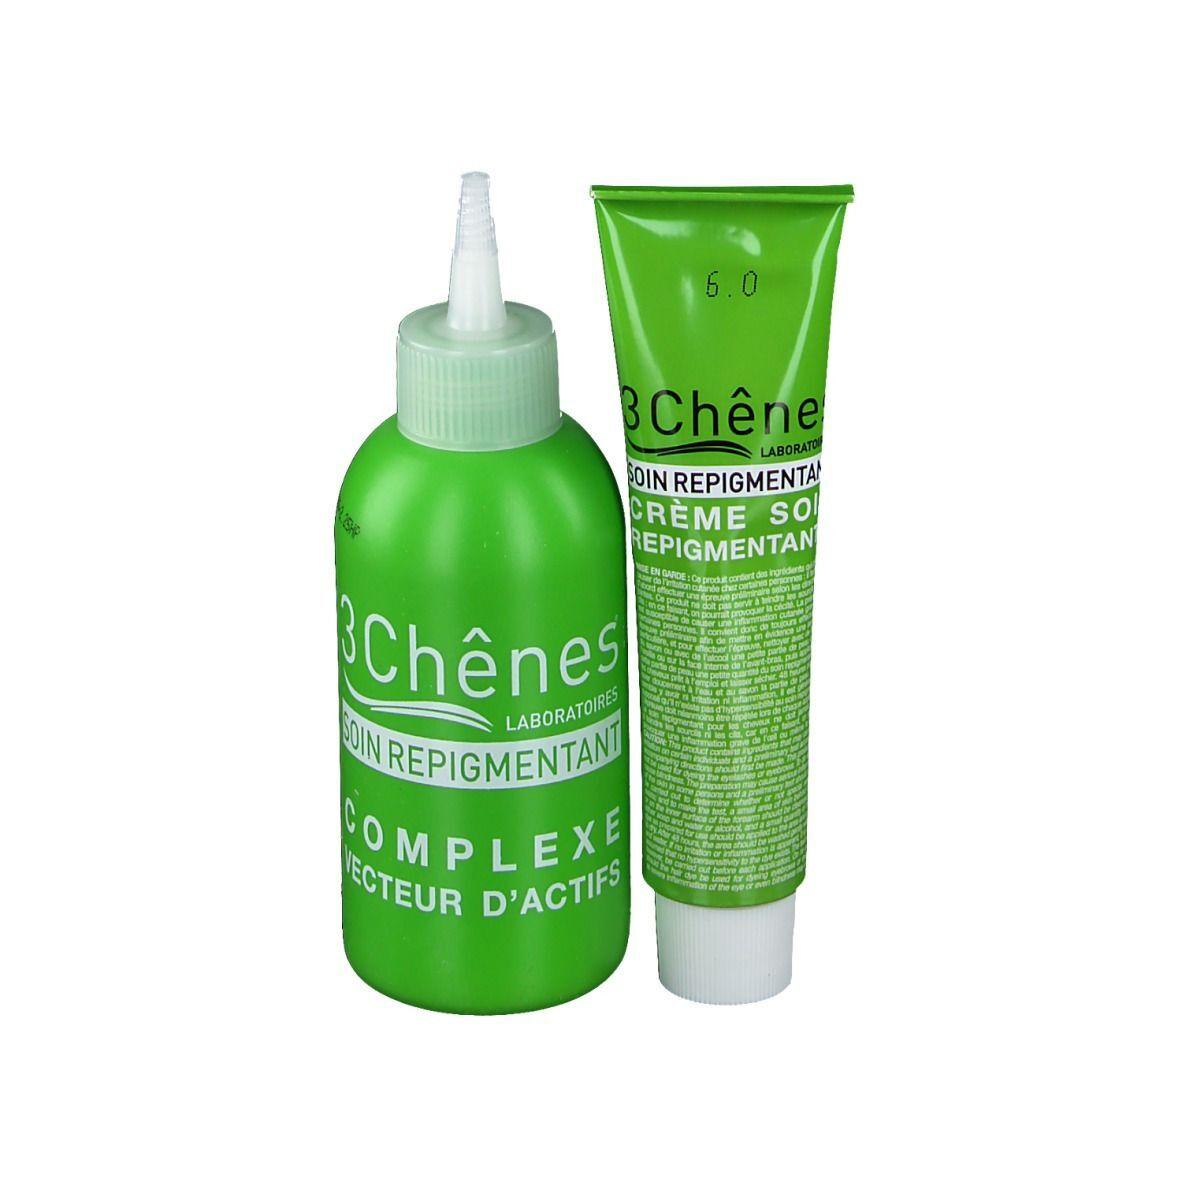 3 Chênes Les 3 Chênes Soin répigmentant 6.0 blond foncé pc(s) lotion(s)